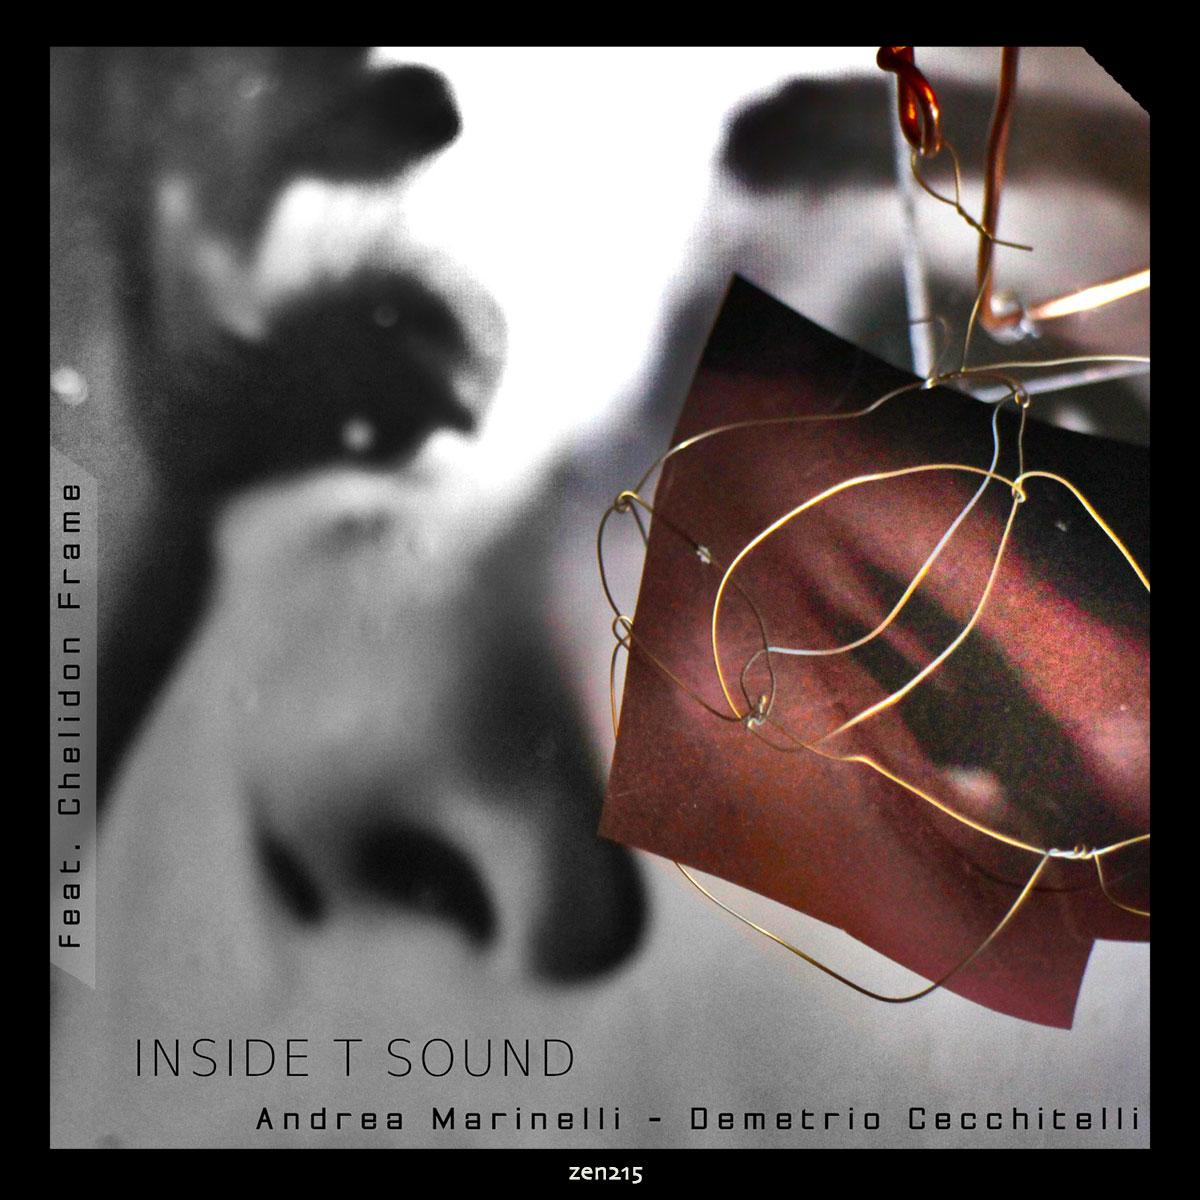 Andrea Marinelli & Demetrio Cecchitelli – Inside T Sound